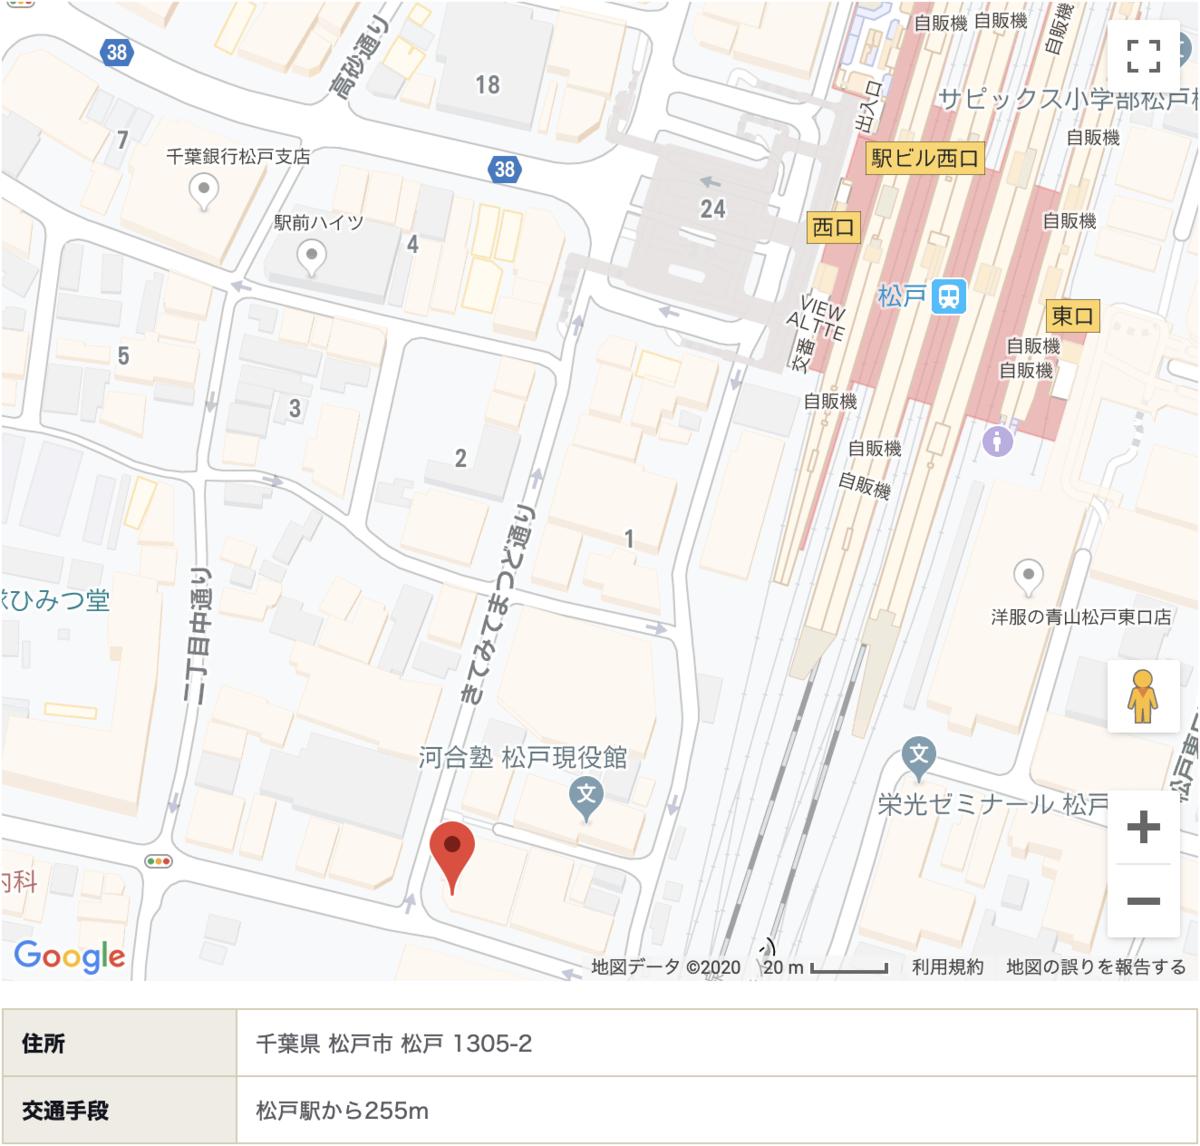 f:id:yoshi32blog:20200130193503p:plain